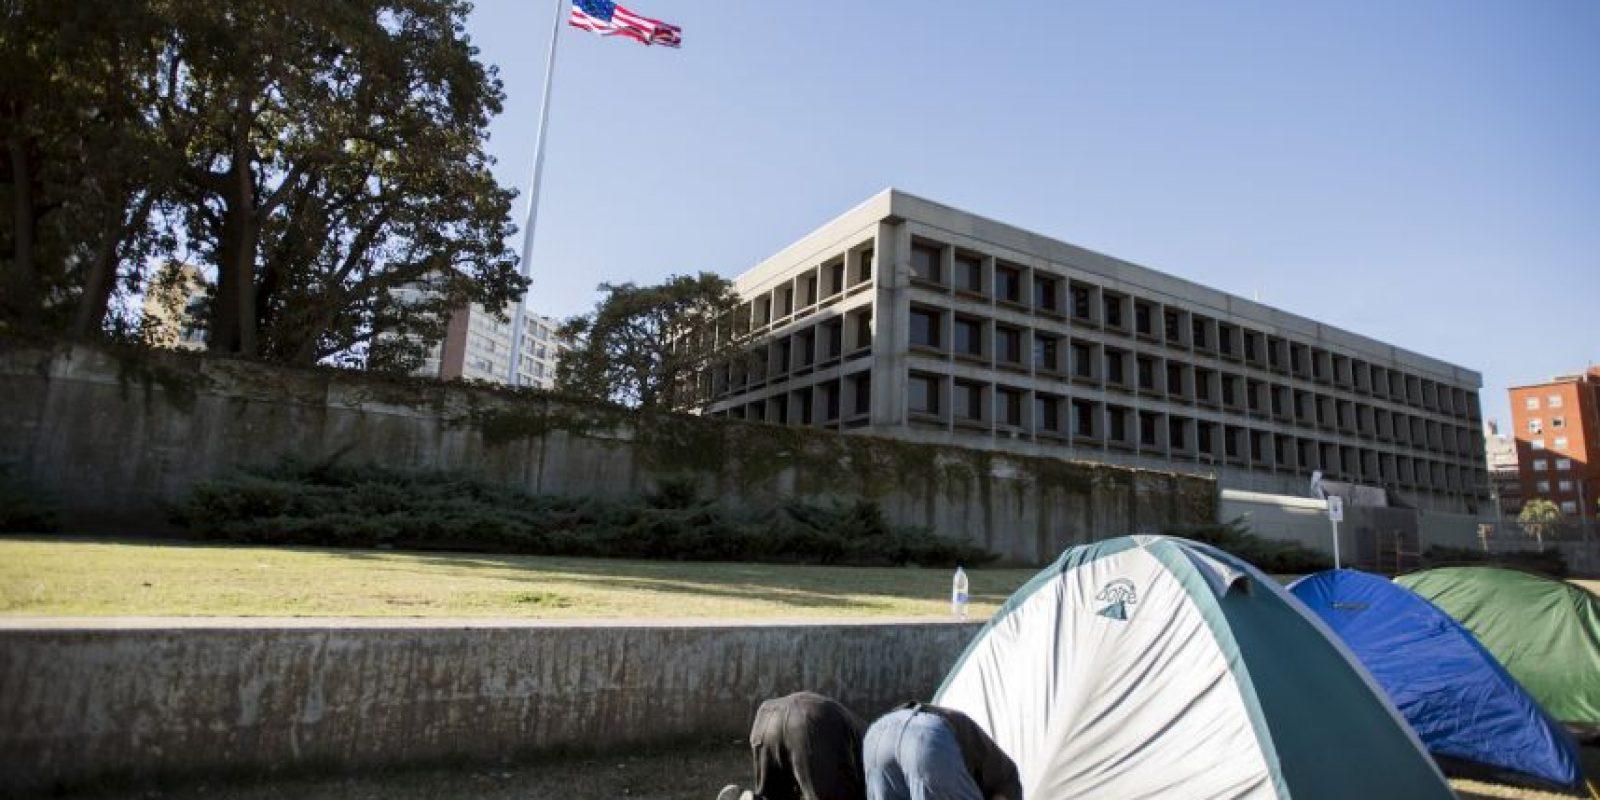 Los refugiados de la cárcel de Guantánamo en Uruguay se manifestaron en la embajada estadounidense para pedir apoyo económico. Foto:AP